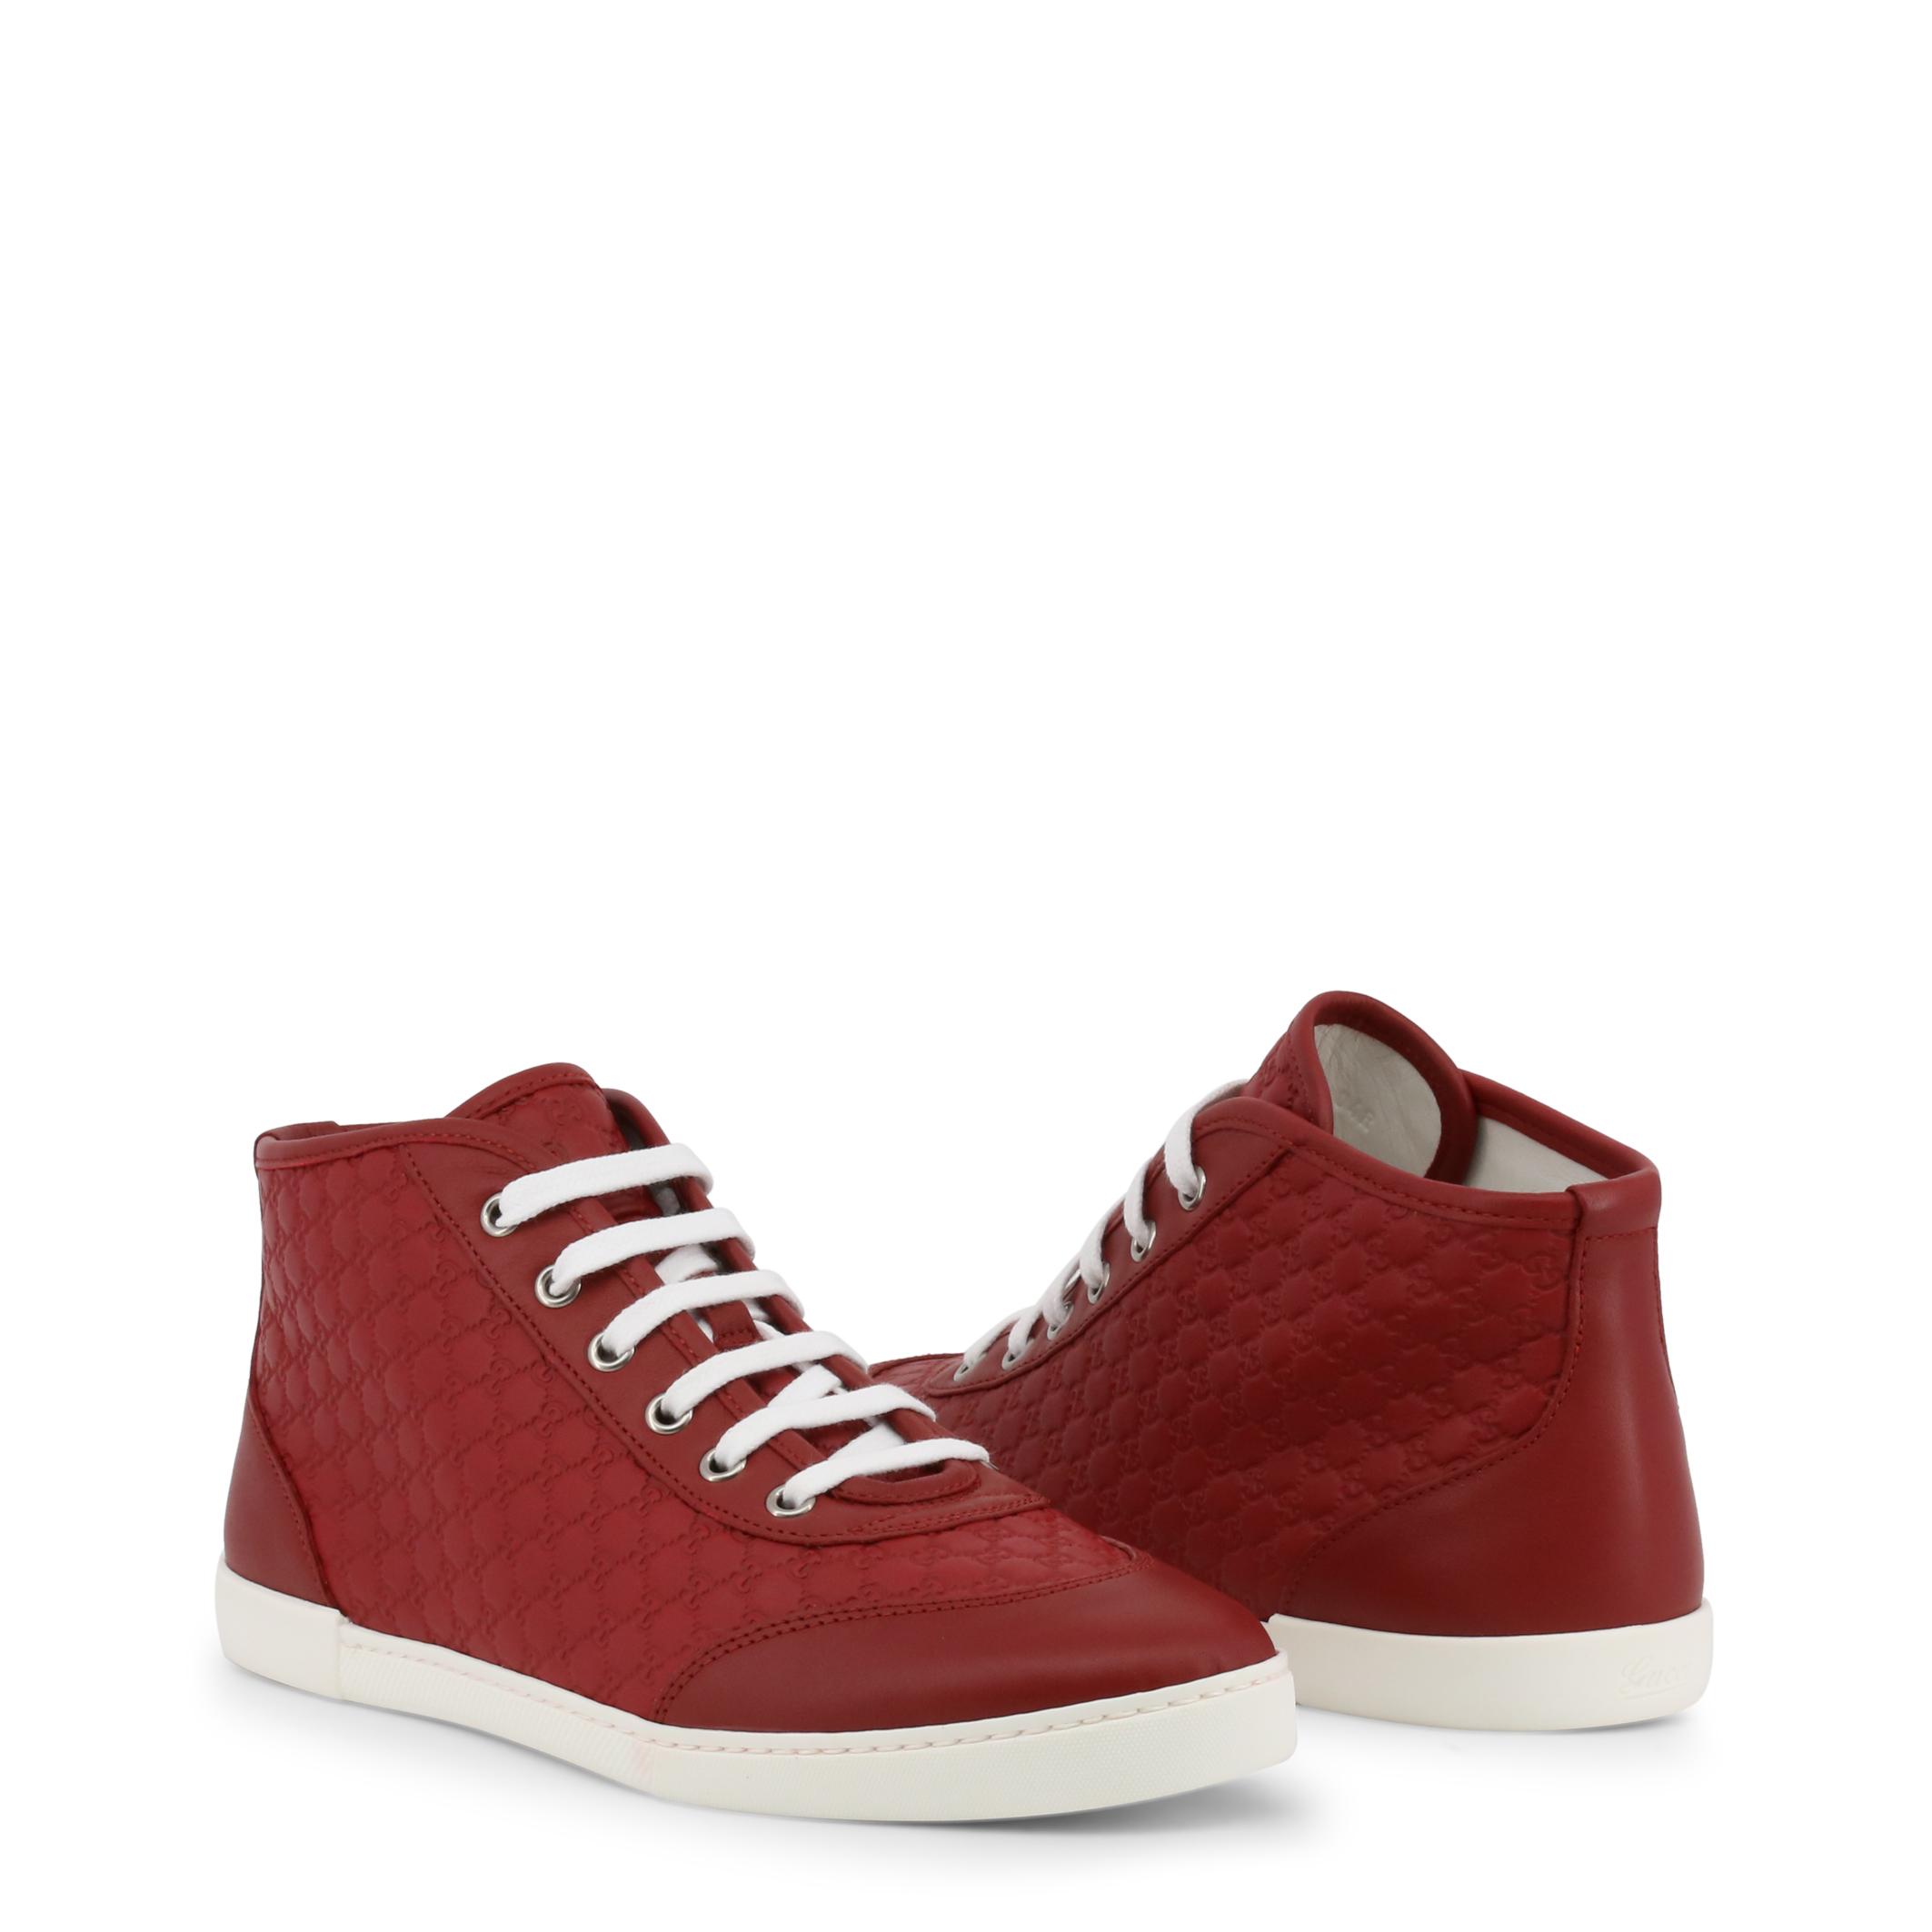 Sneakers-Gucci-391499-A9LF0-Donna-Rosso-100173 miniatura 2